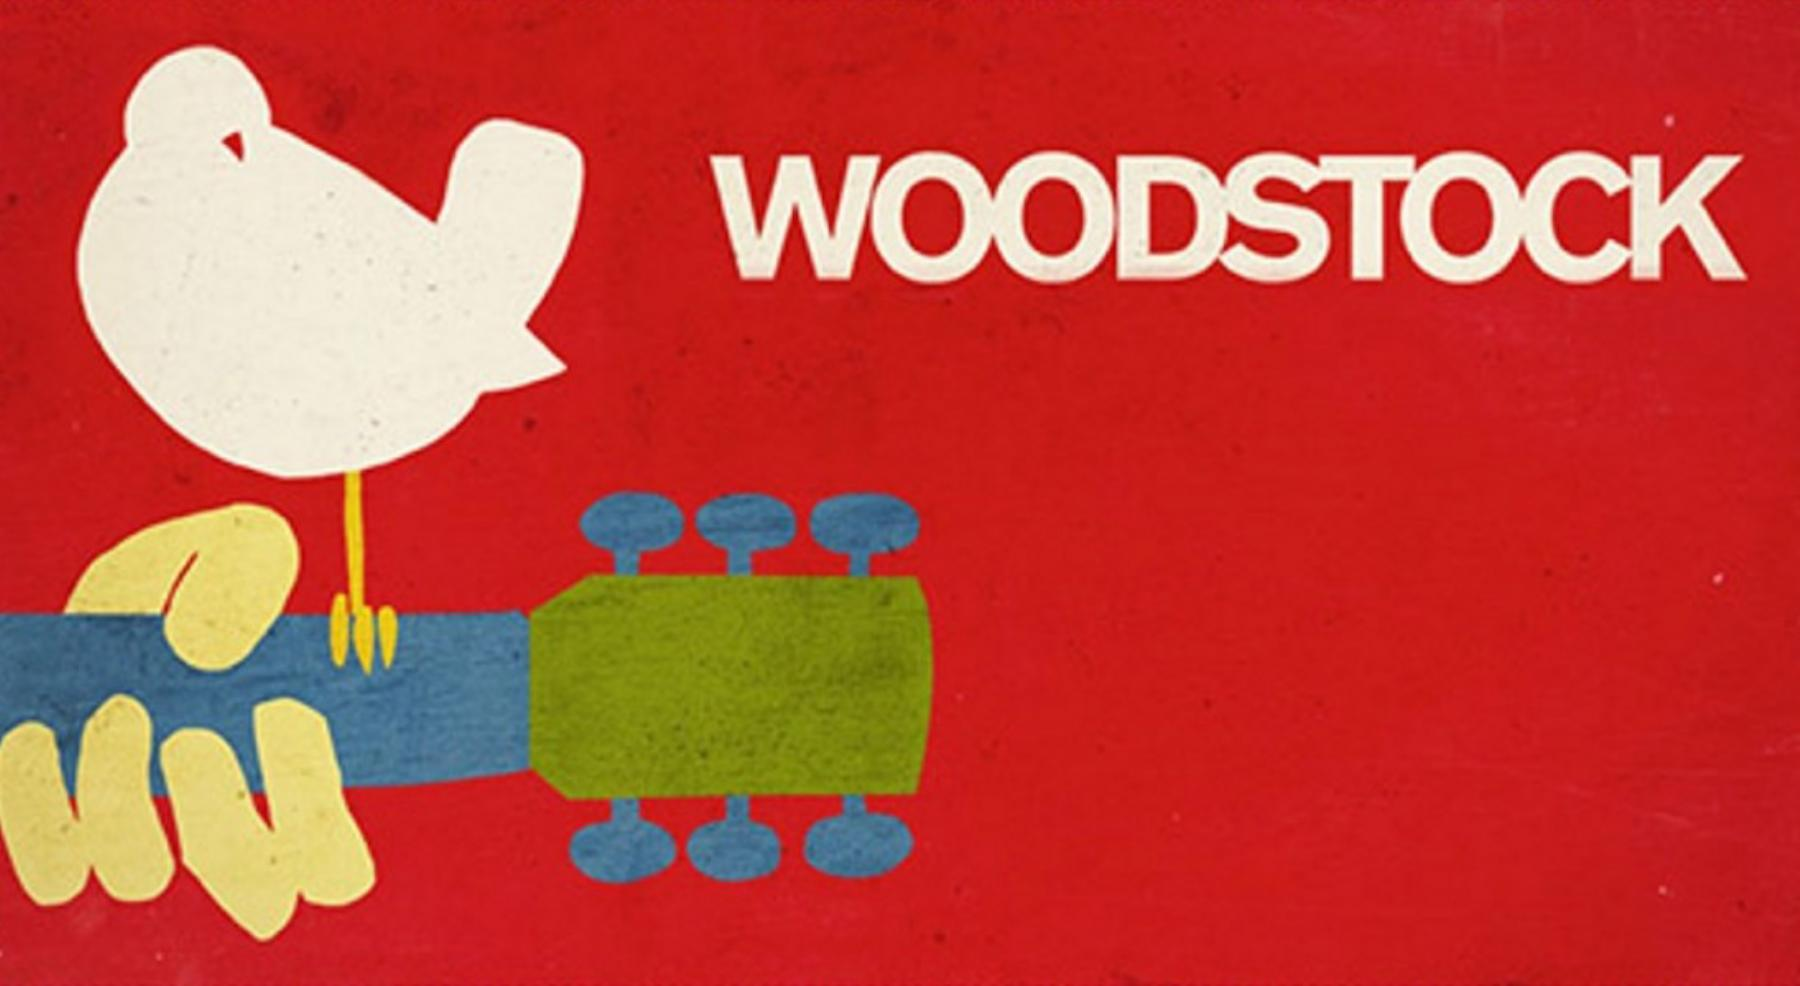 woodstock-50_1554040634165.jpg